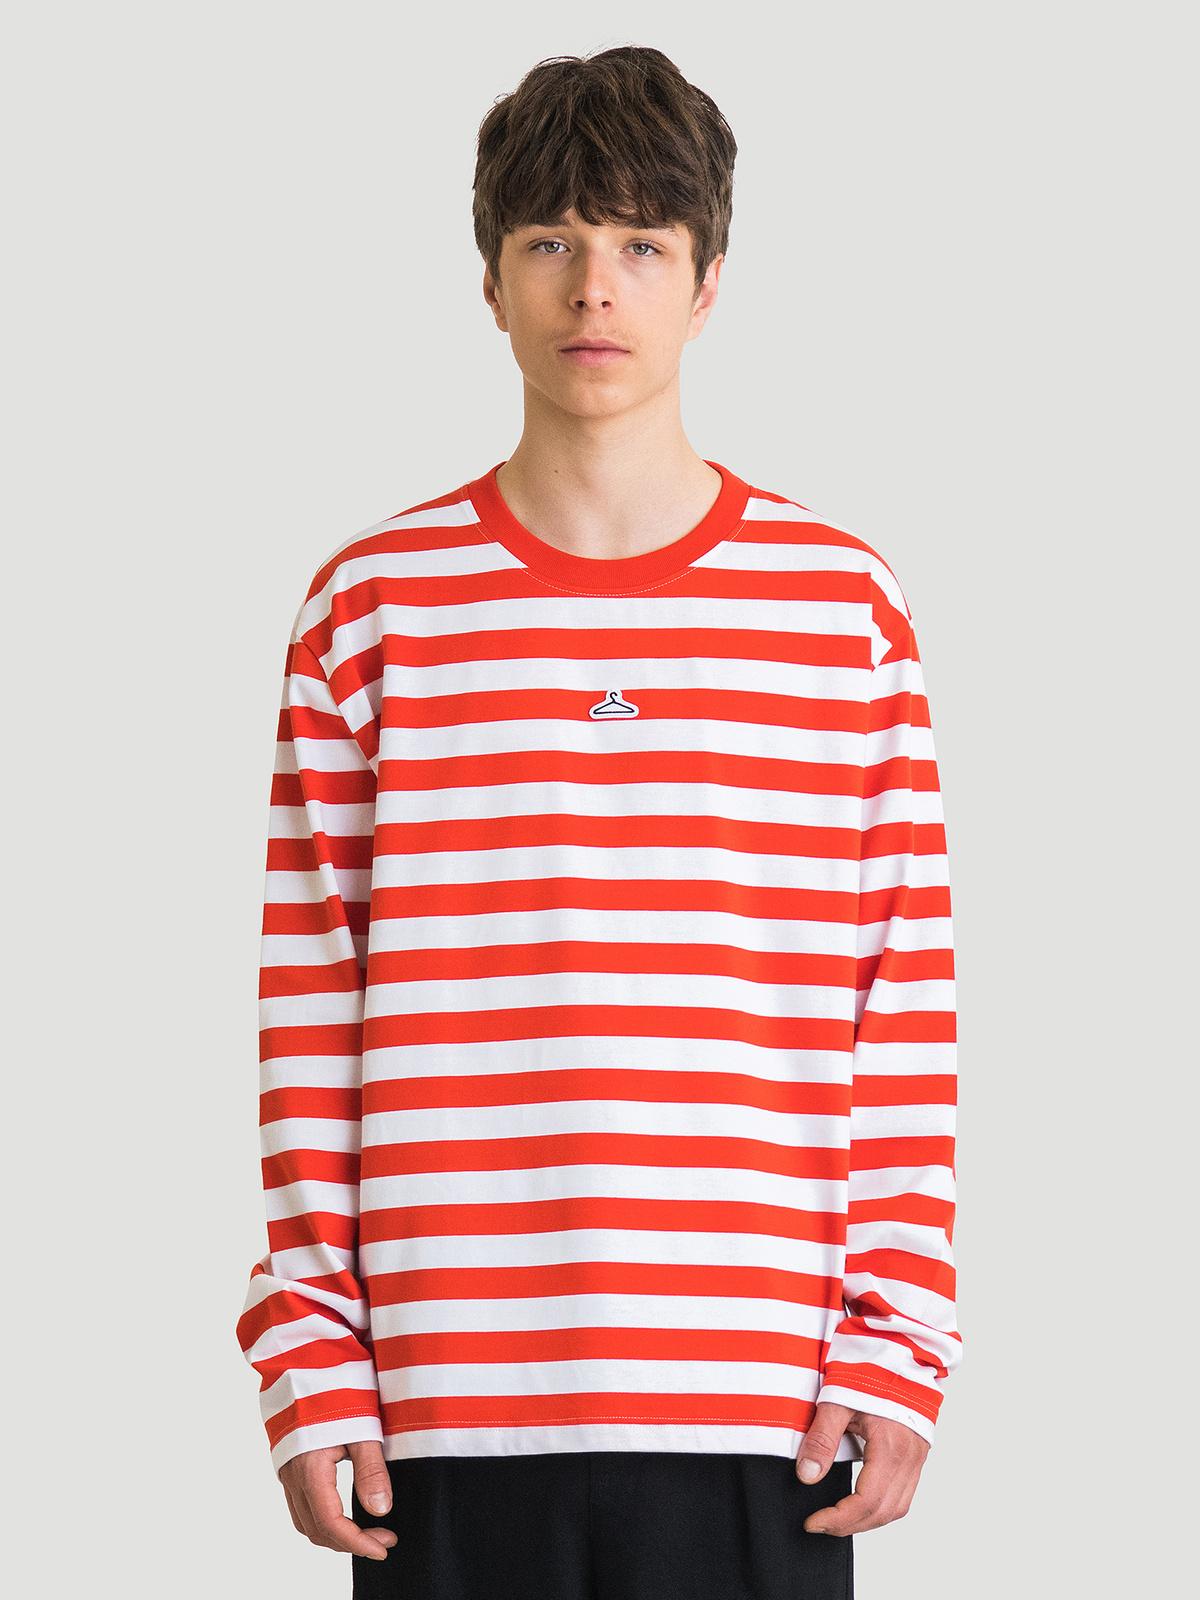 Hanger Striped Longsleeve Red White 5